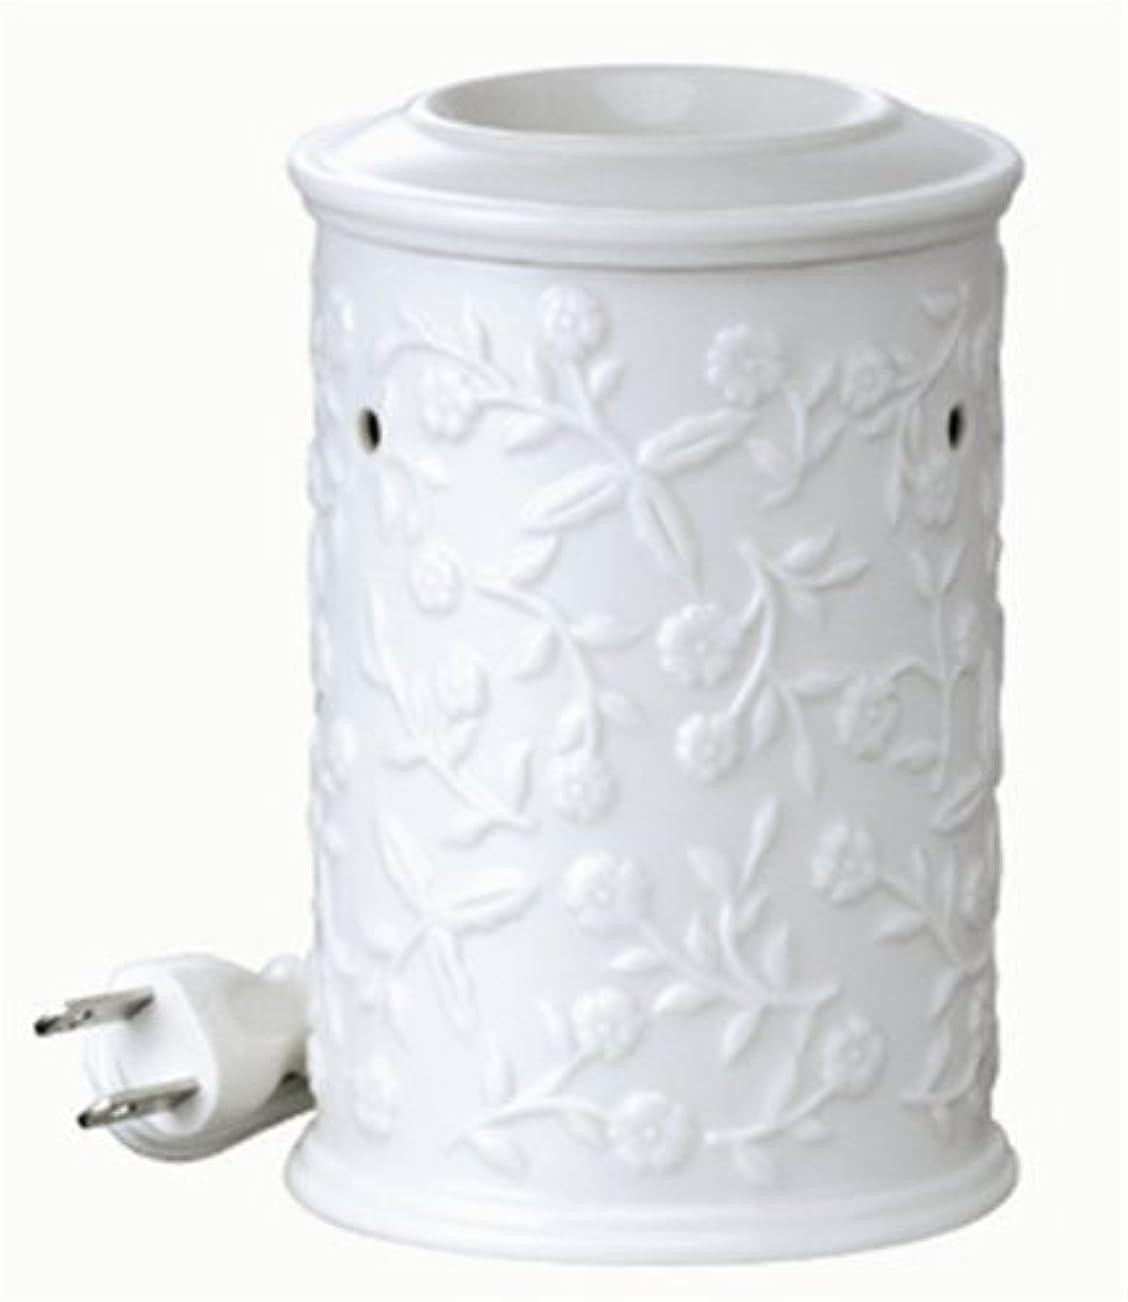 農夫洗剤会社プリヴェイル アロマライト ホワイトフラワー